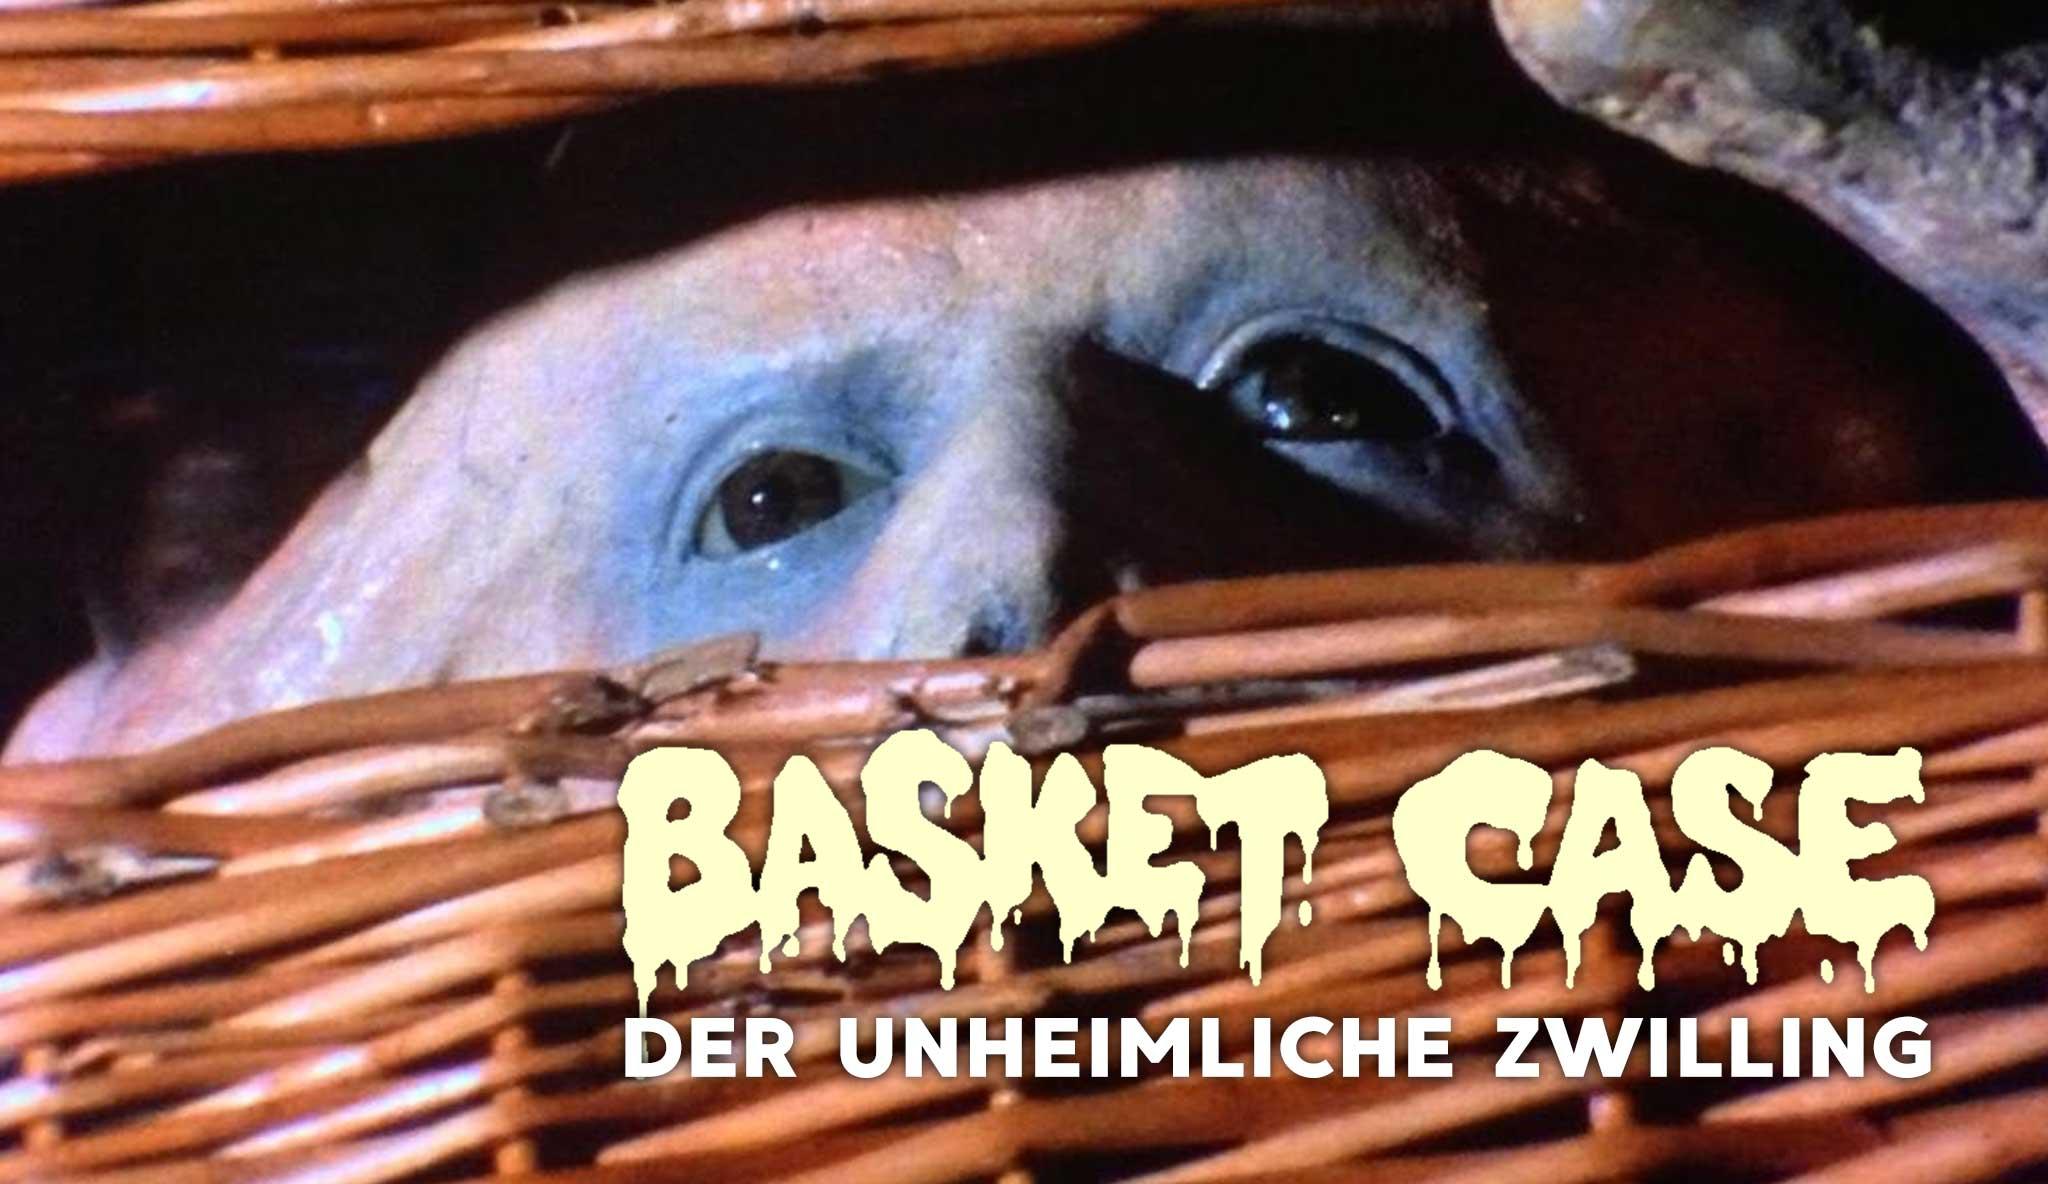 basket-case-der-unheimliche-zwilling\header.jpg